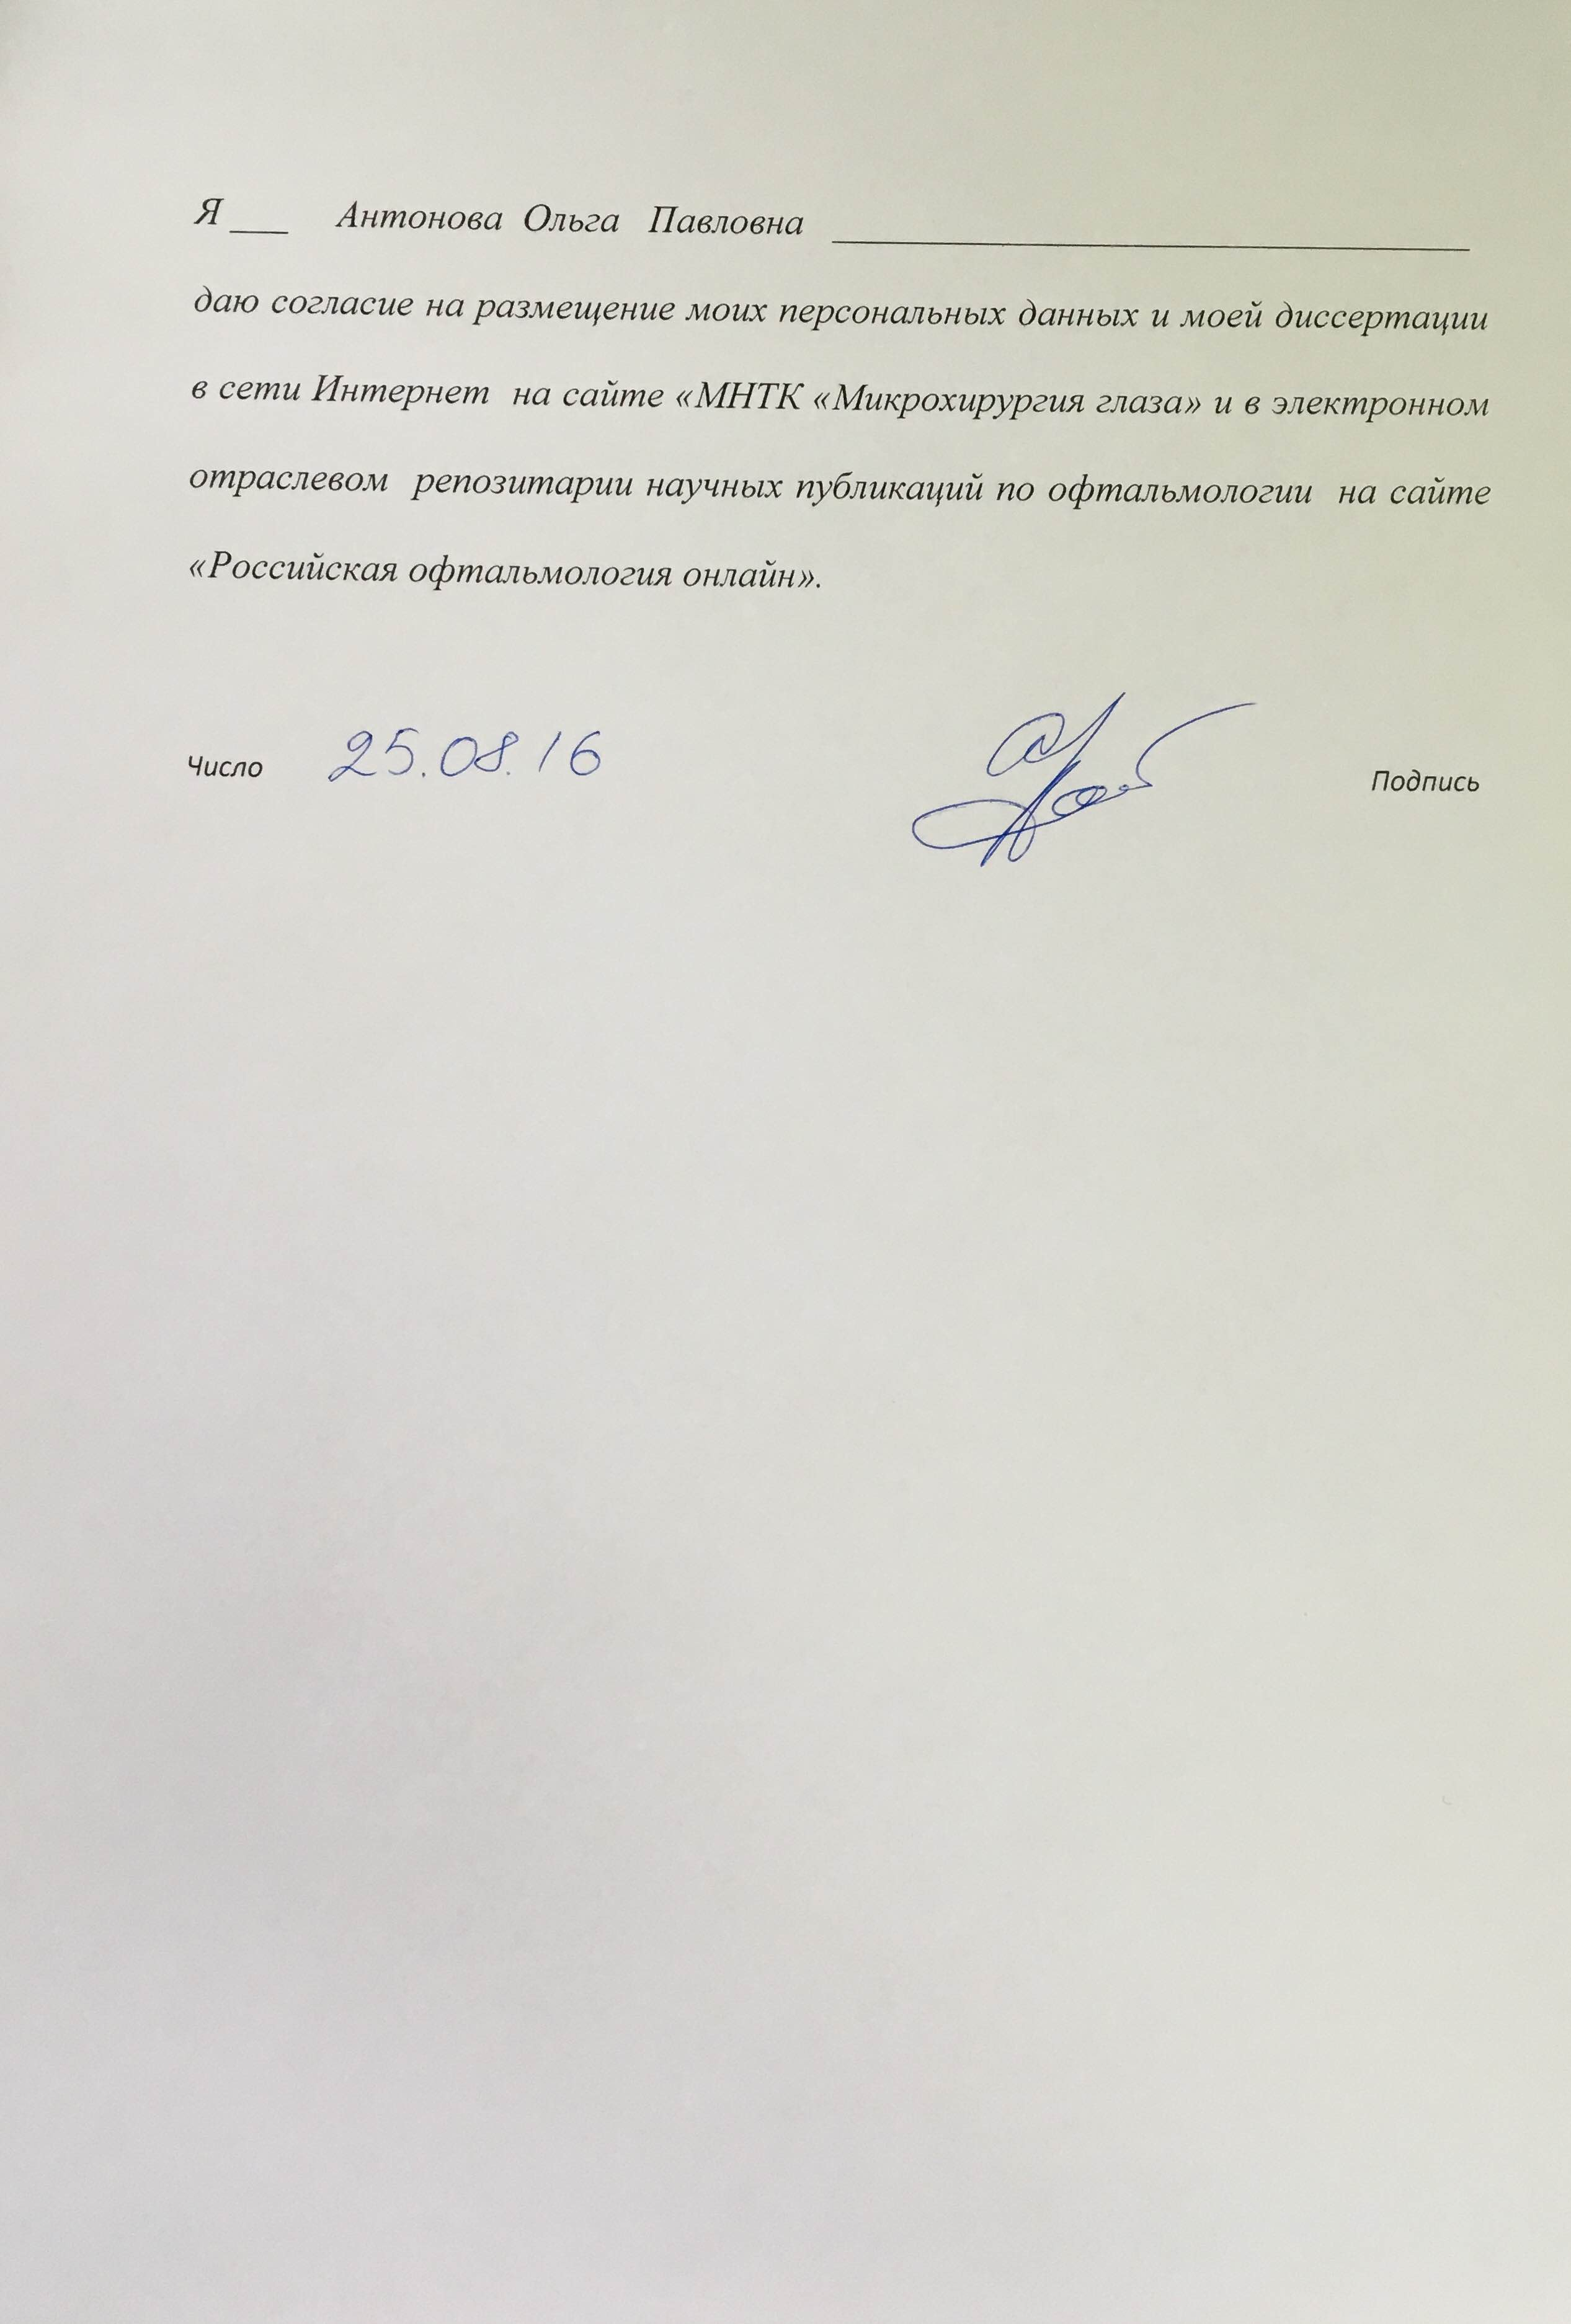 Антонова Ольга Павловна Согласие на размещение персональных данных и диссертации в сети интернет